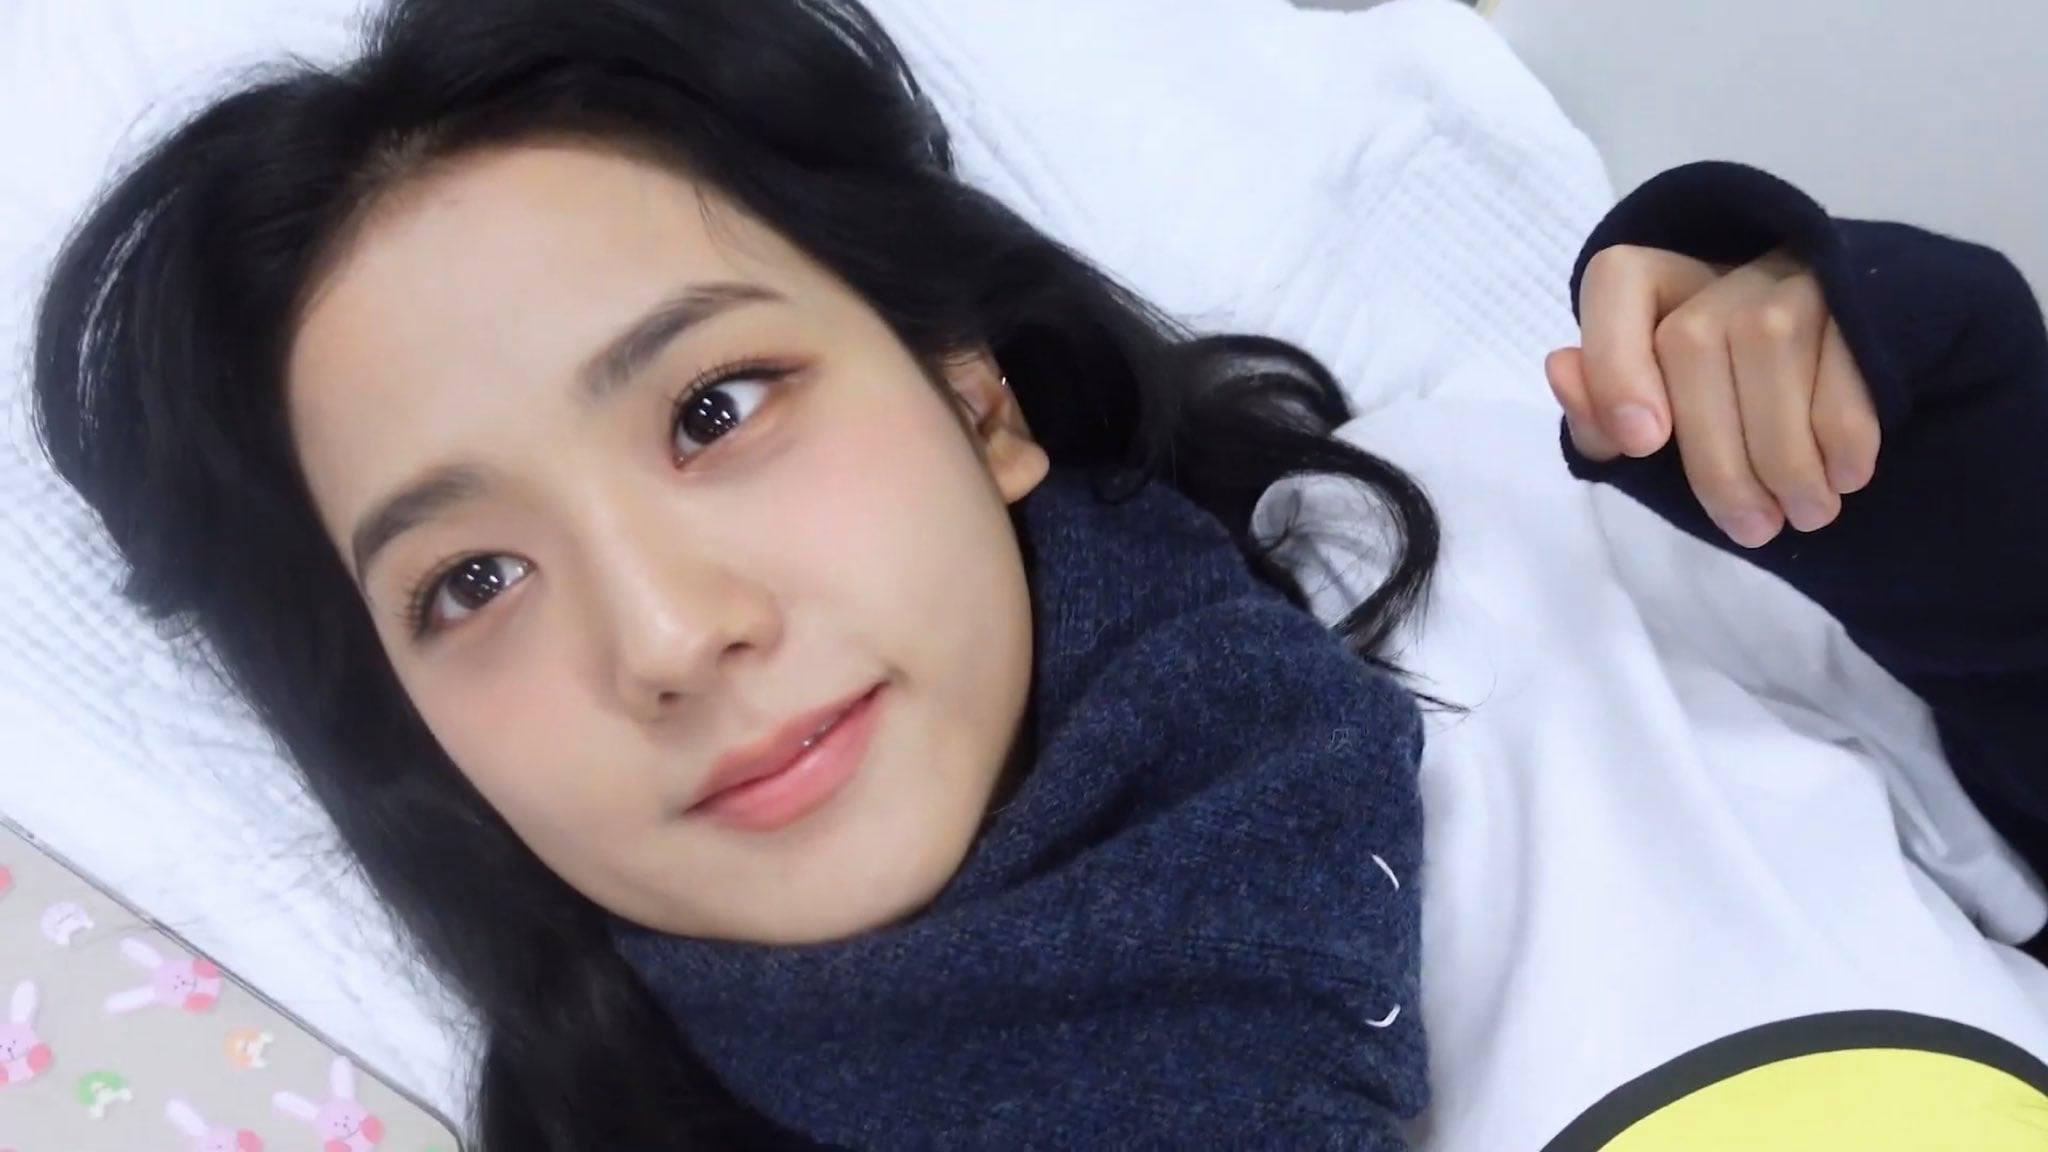 Từ chính miệng Jisoo: Không có chuyện BLACKPINK để mặt mộc đi tổng duyệt, muốn đẹp phải makeup full face! - Ảnh 4.